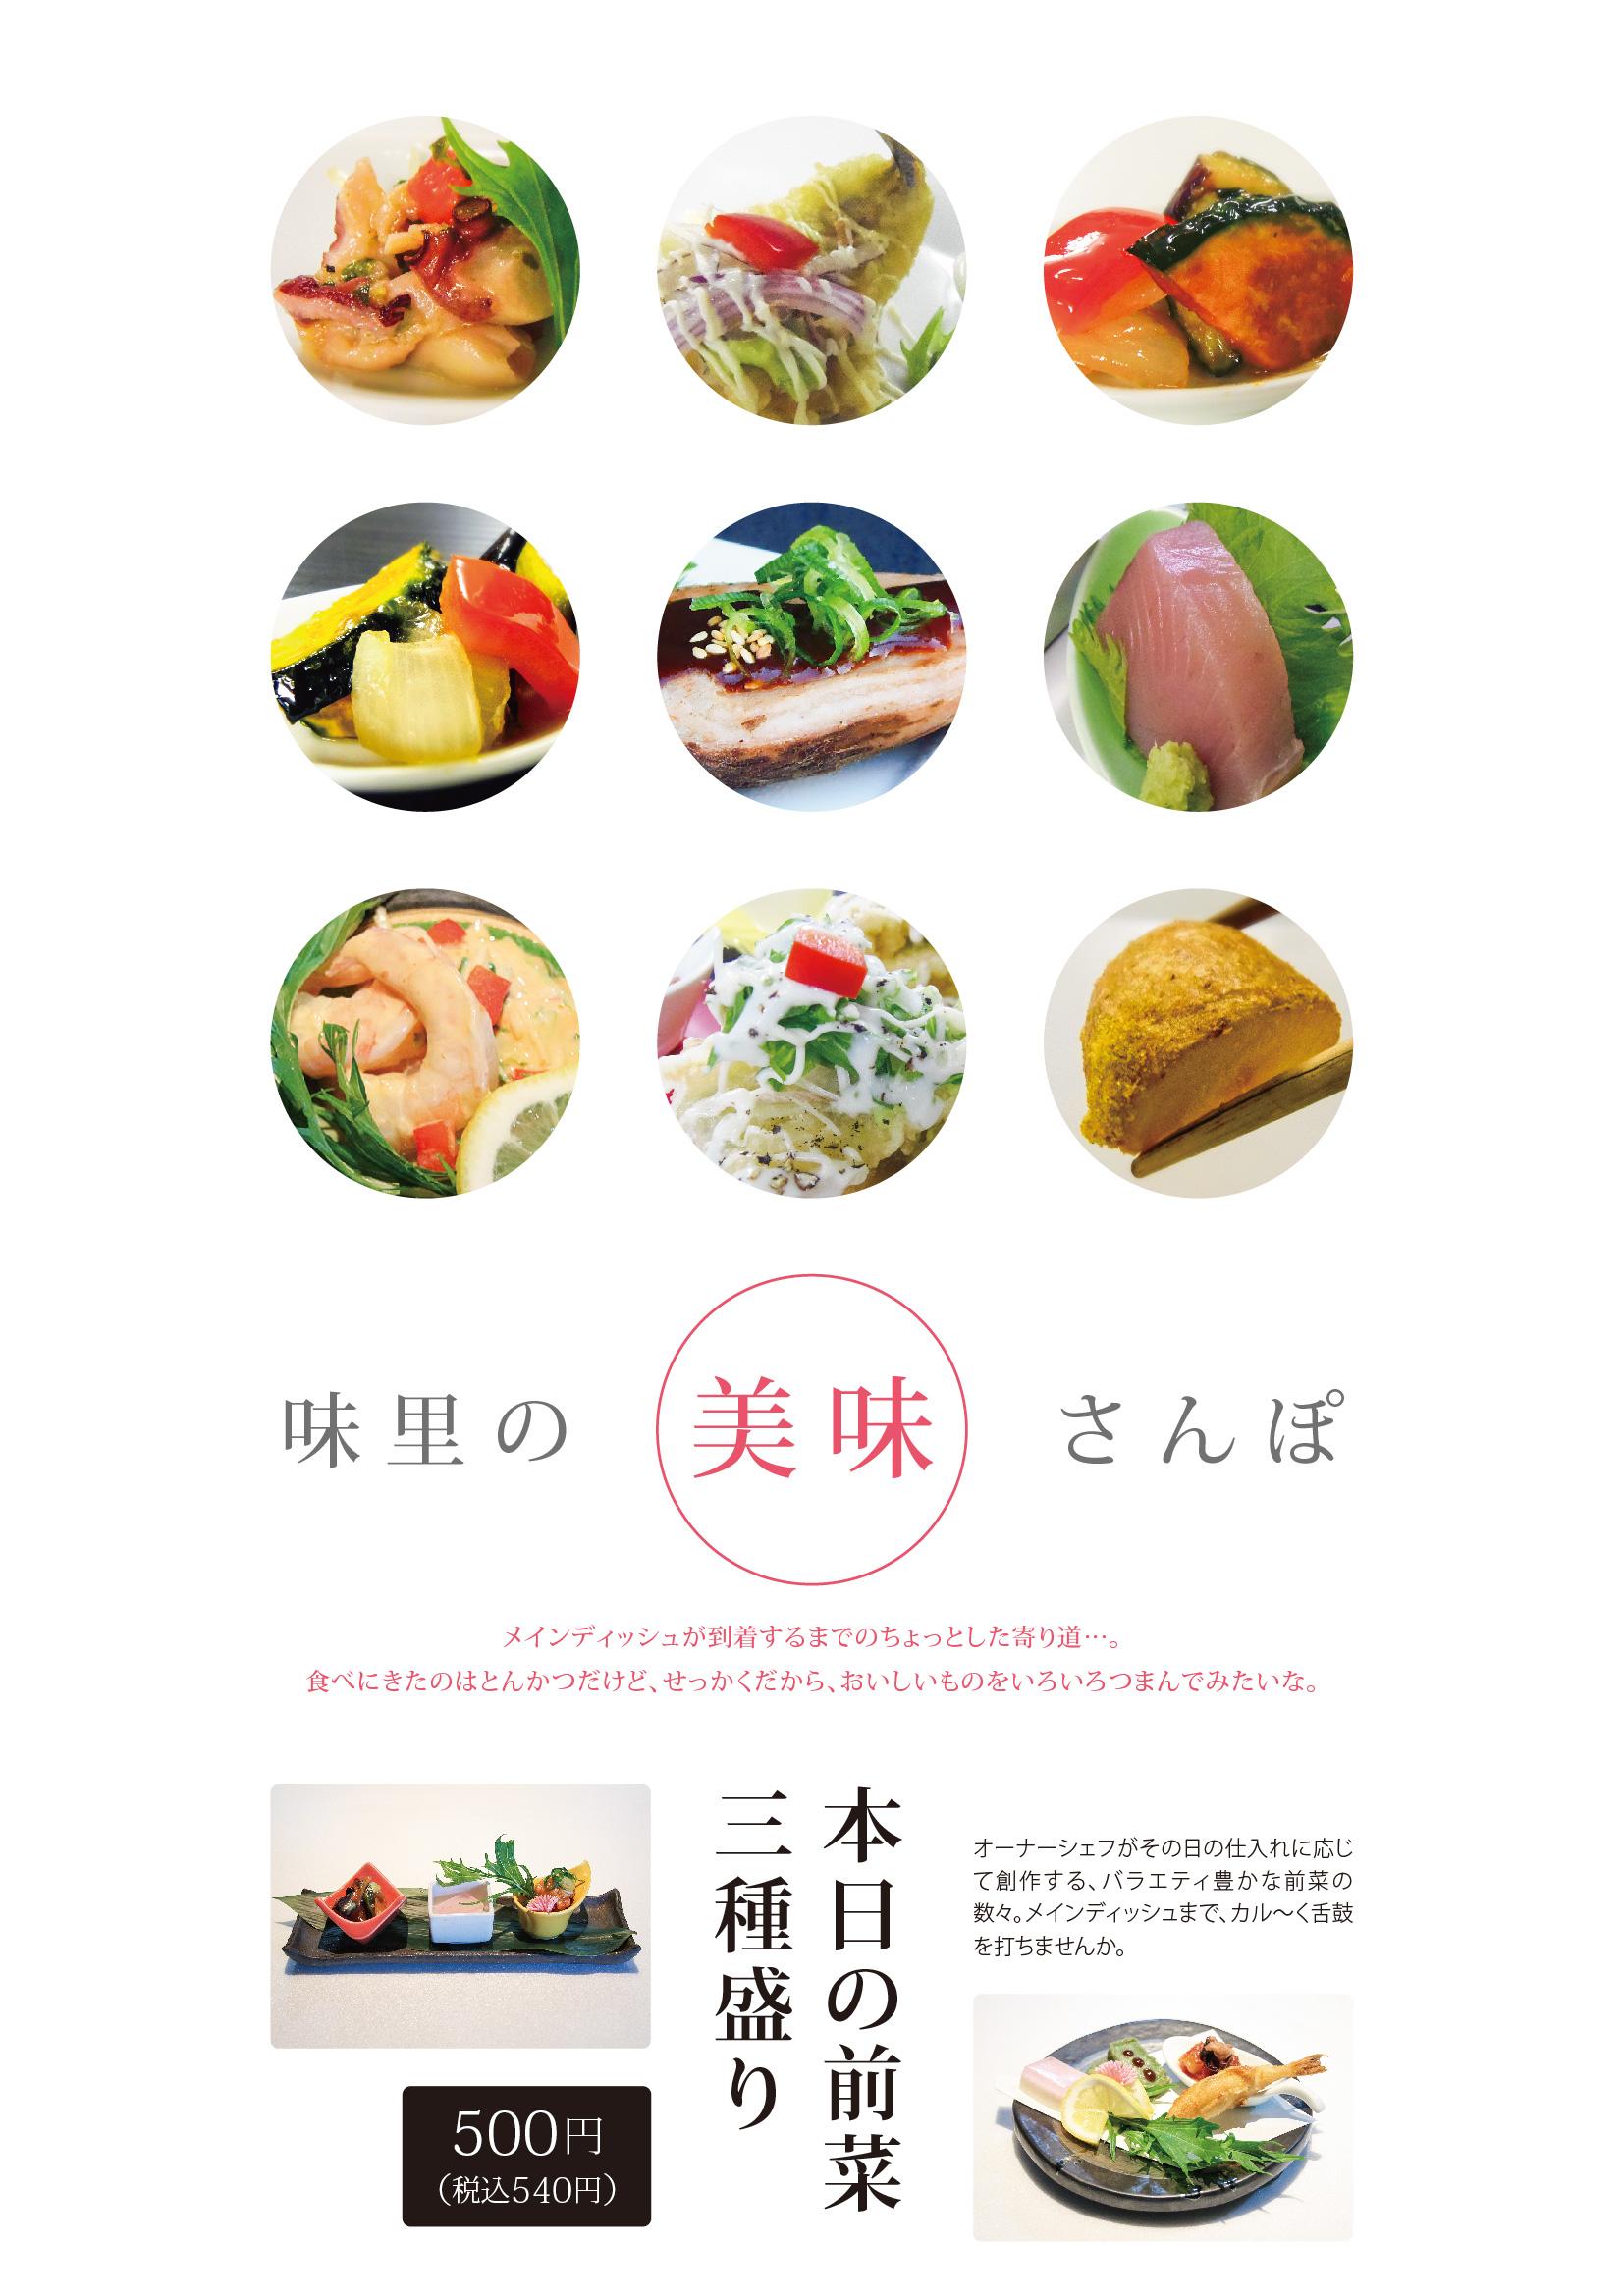 春夏ディナーメニューデザイン04